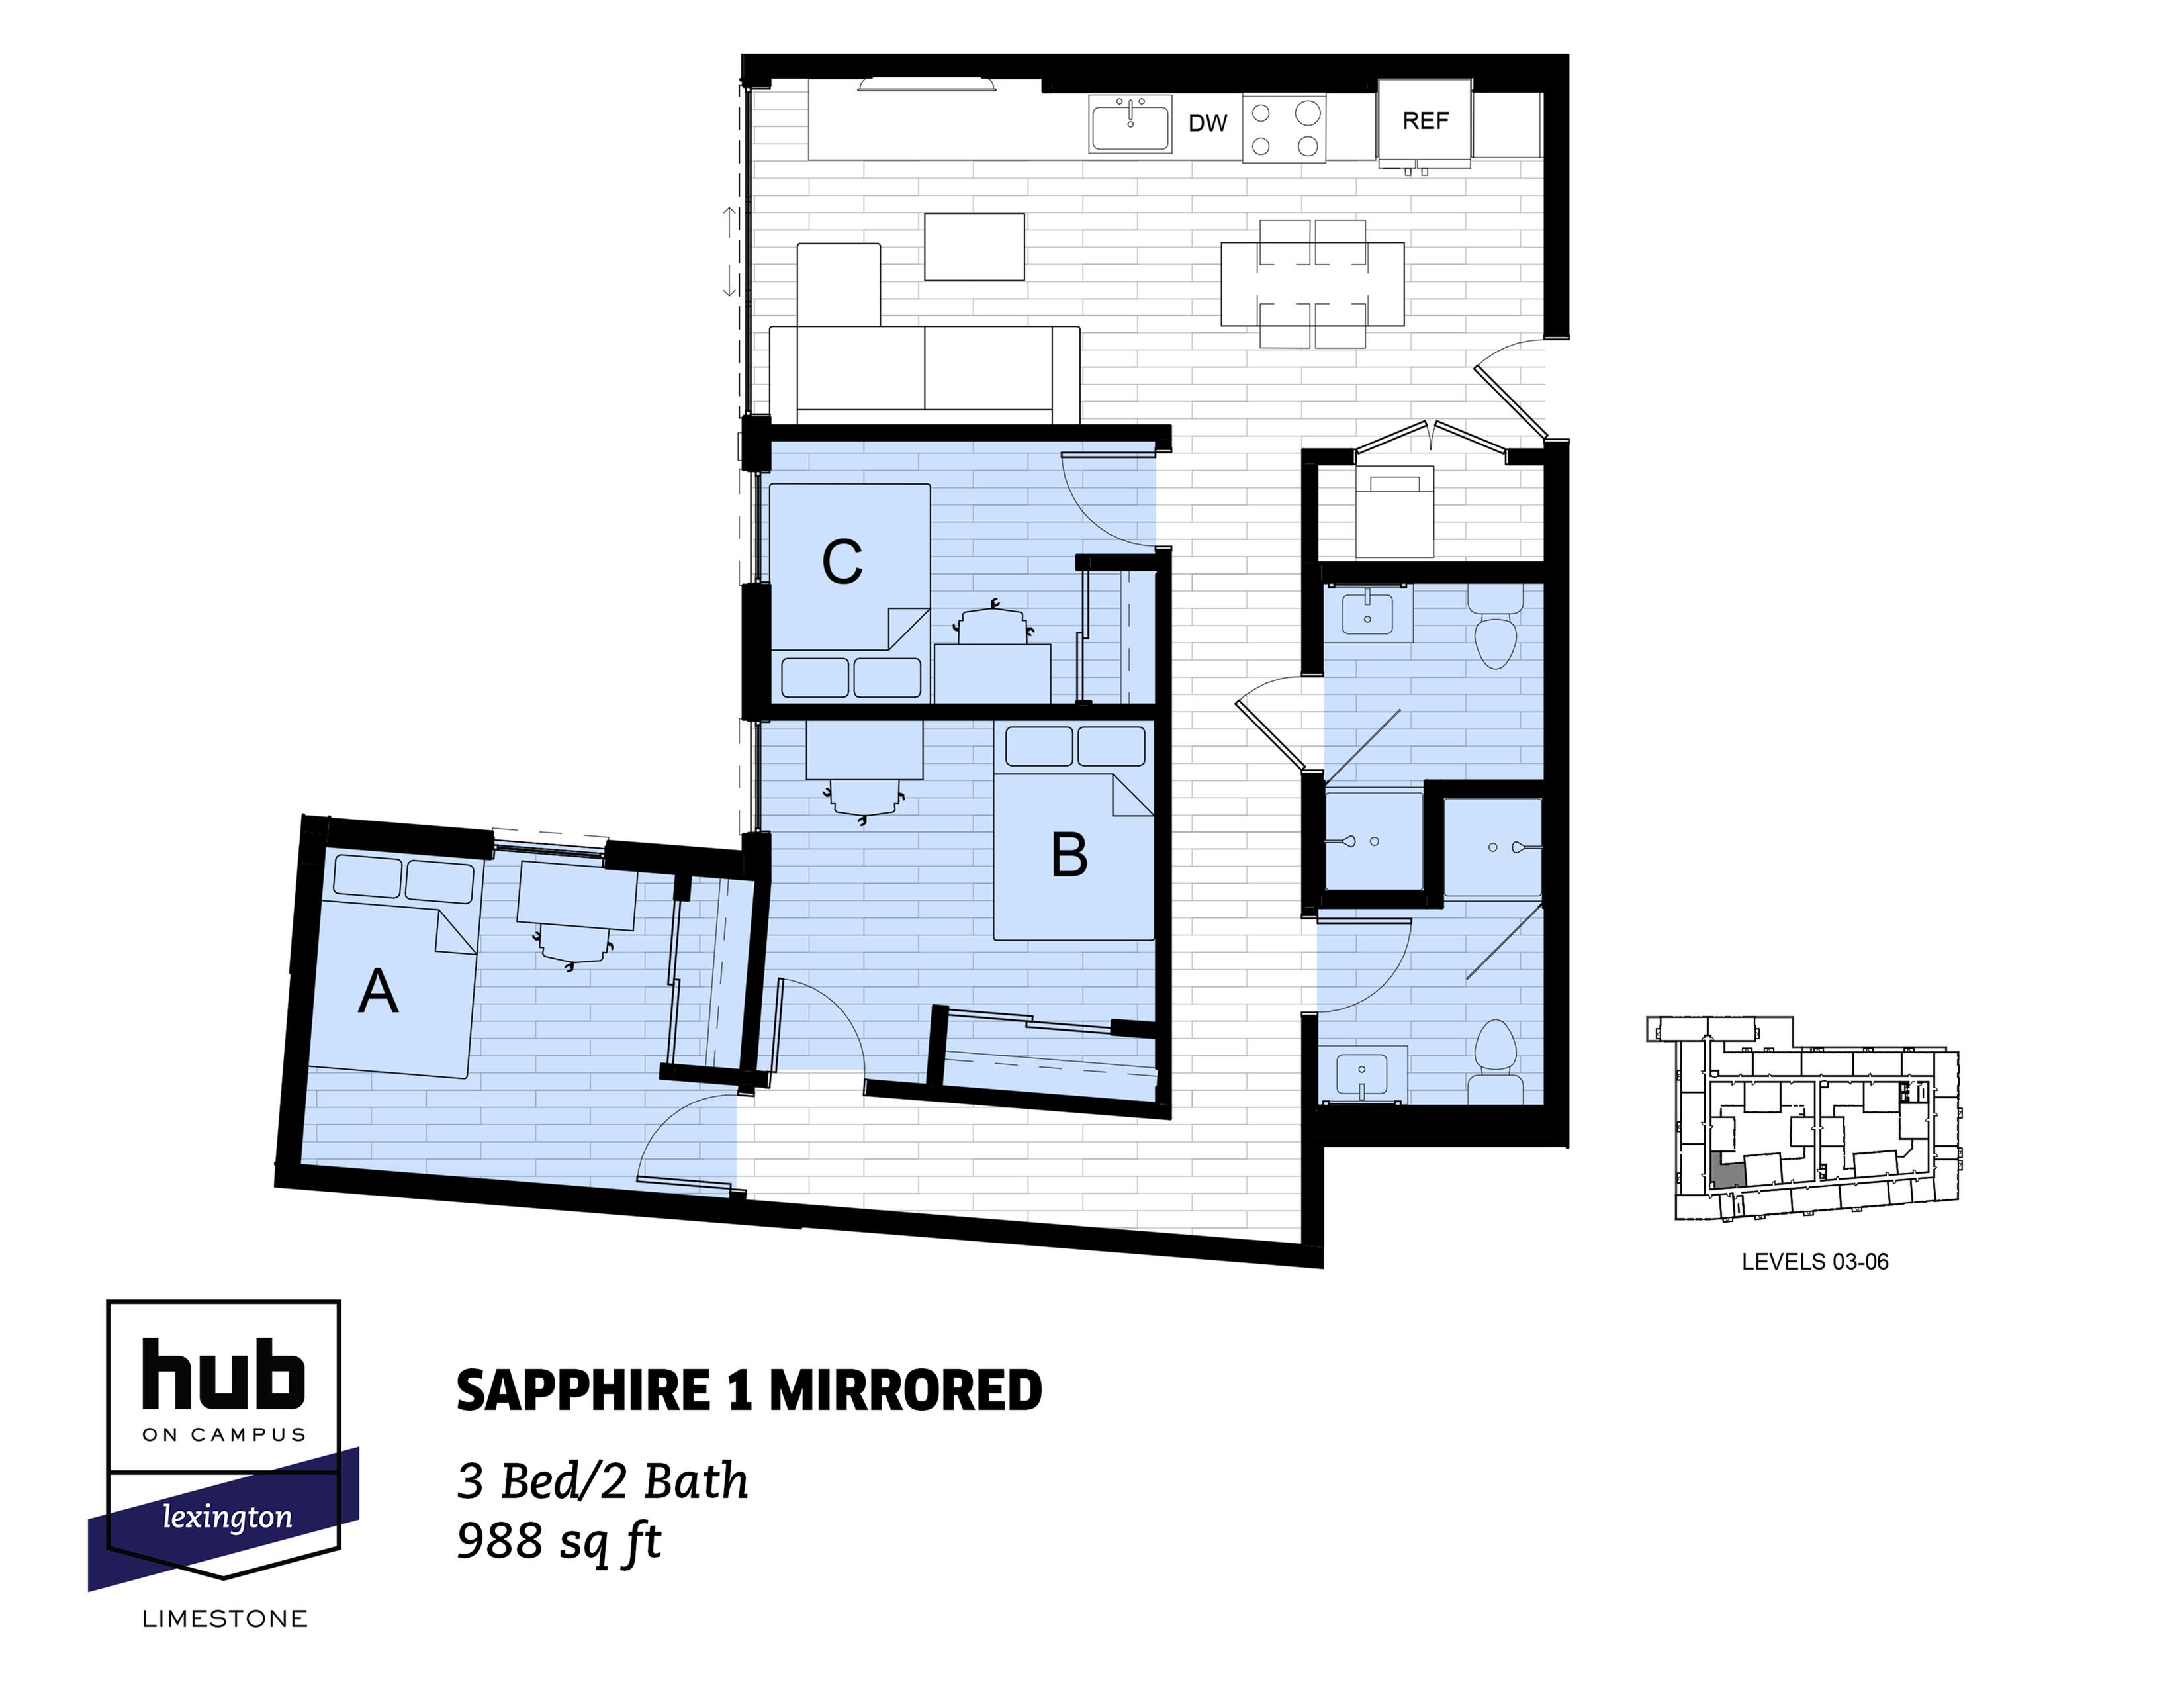 Sapphire 1 Mirrored